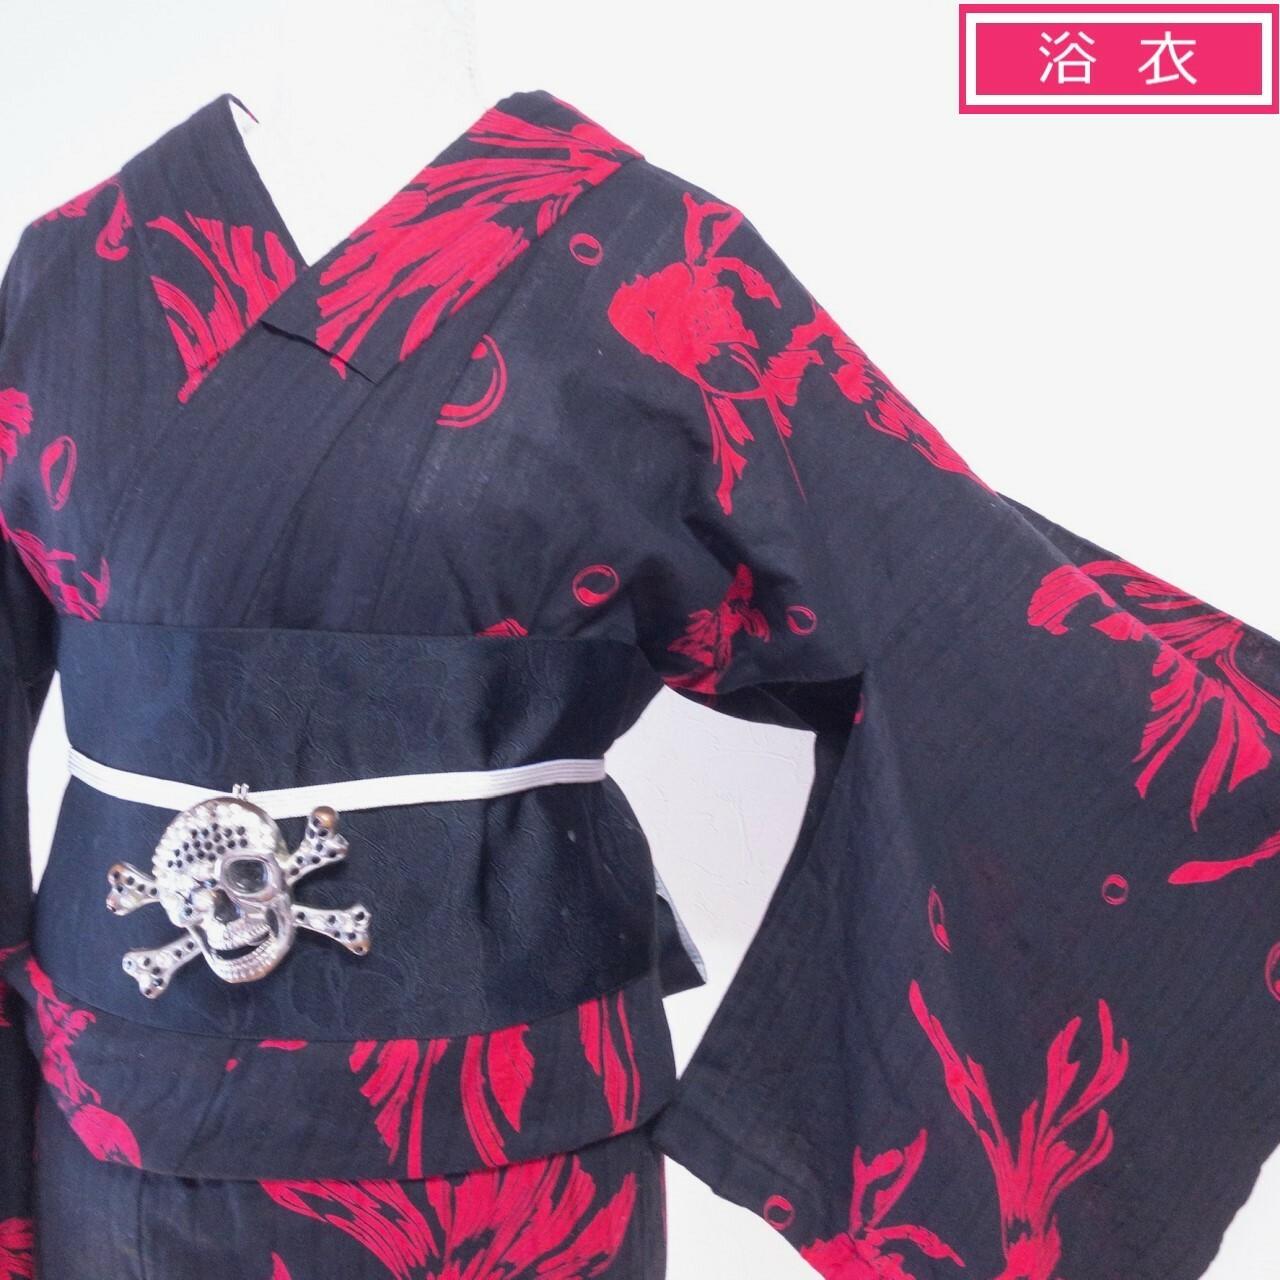 【iroca】プレタブランド浴衣 変わり織 金魚 黒×ピンクレッド 丈166裄69